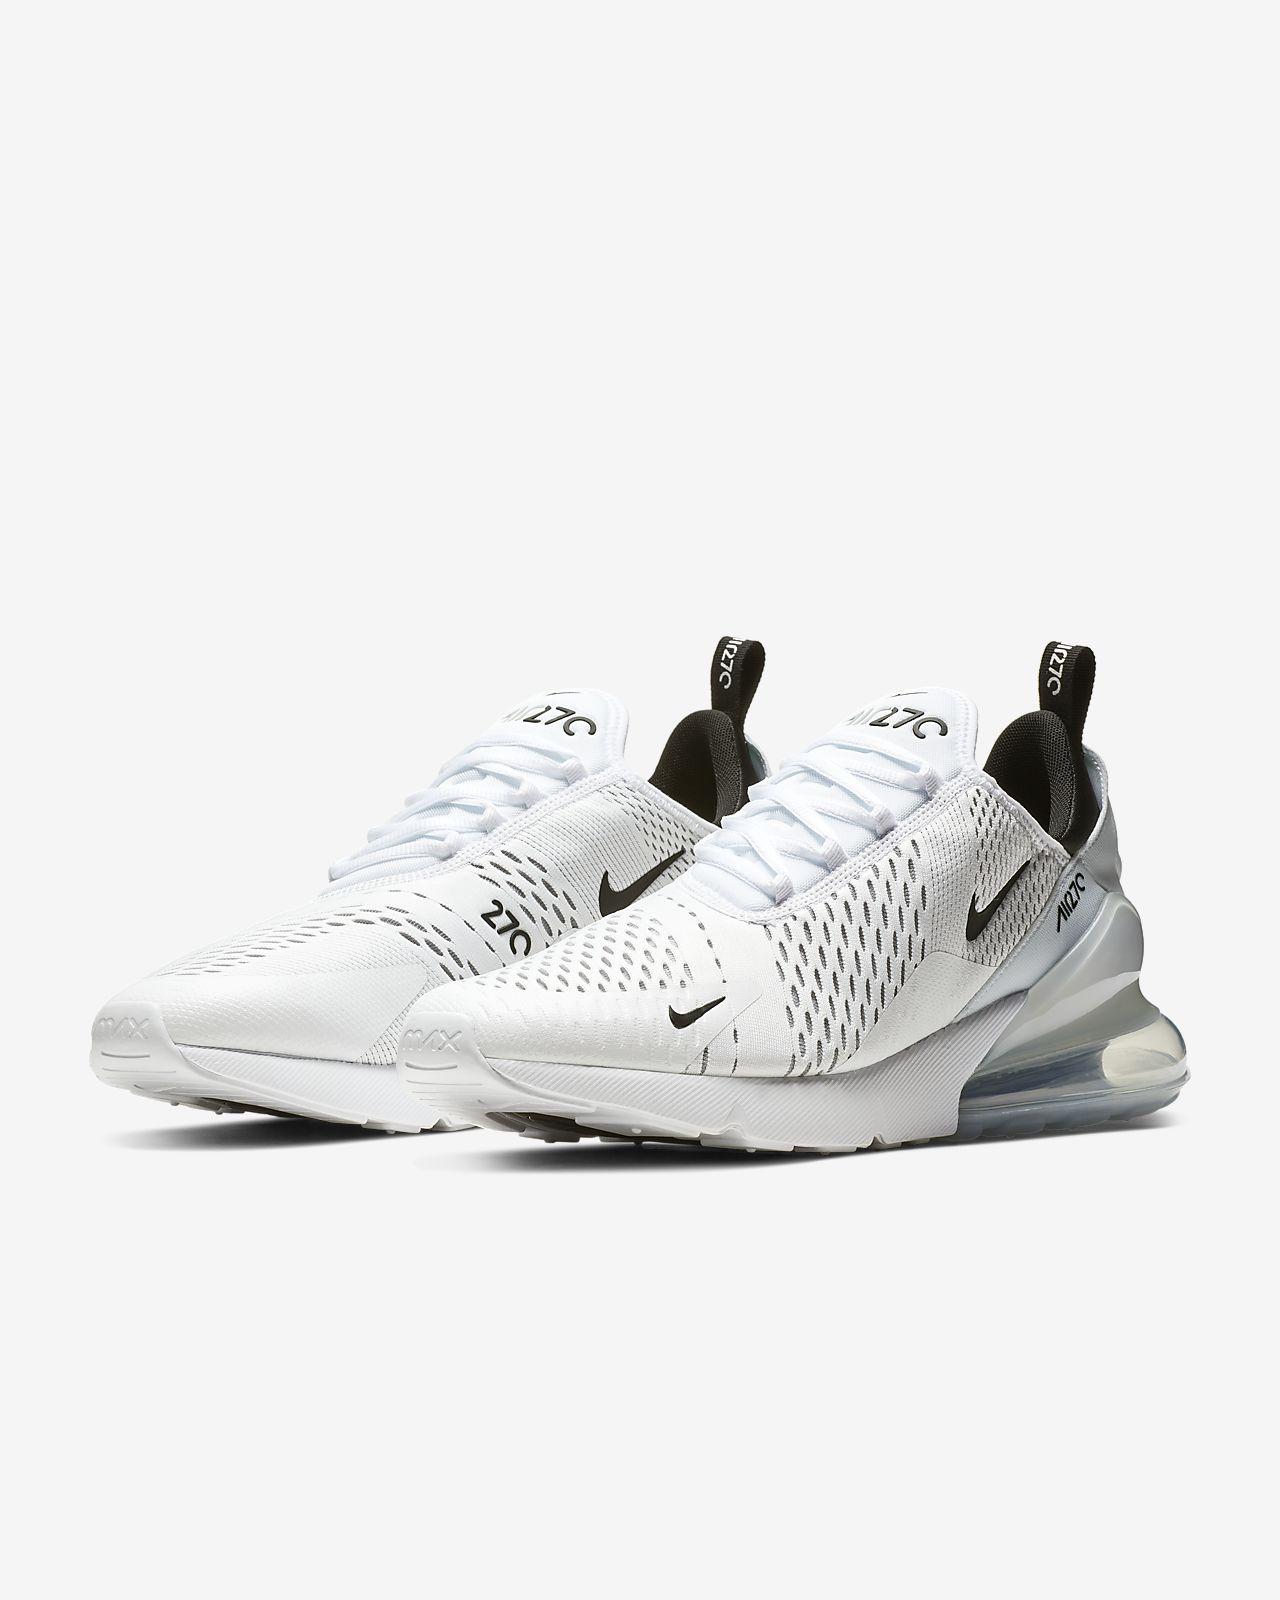 huge discount 74922 97e5d Nike Air Max 270 Zapatillas - Hombre. Nike.com ES